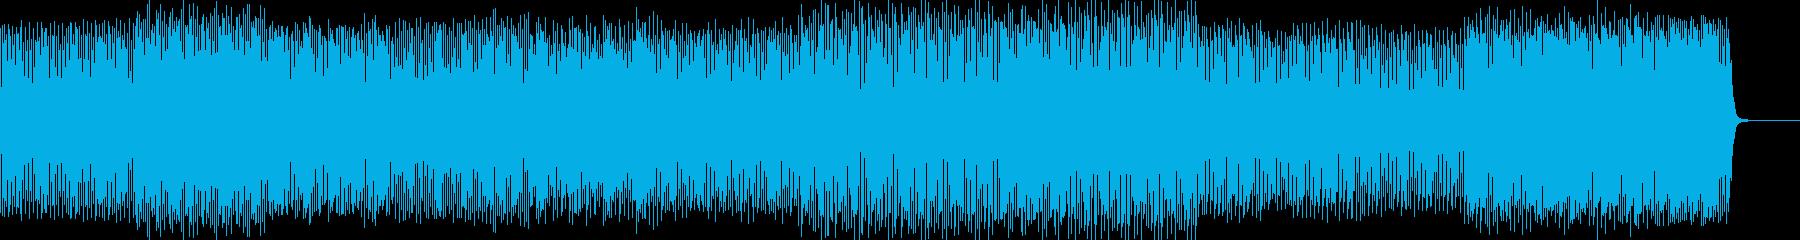 機械的およびロボット的な雰囲気のテ...の再生済みの波形